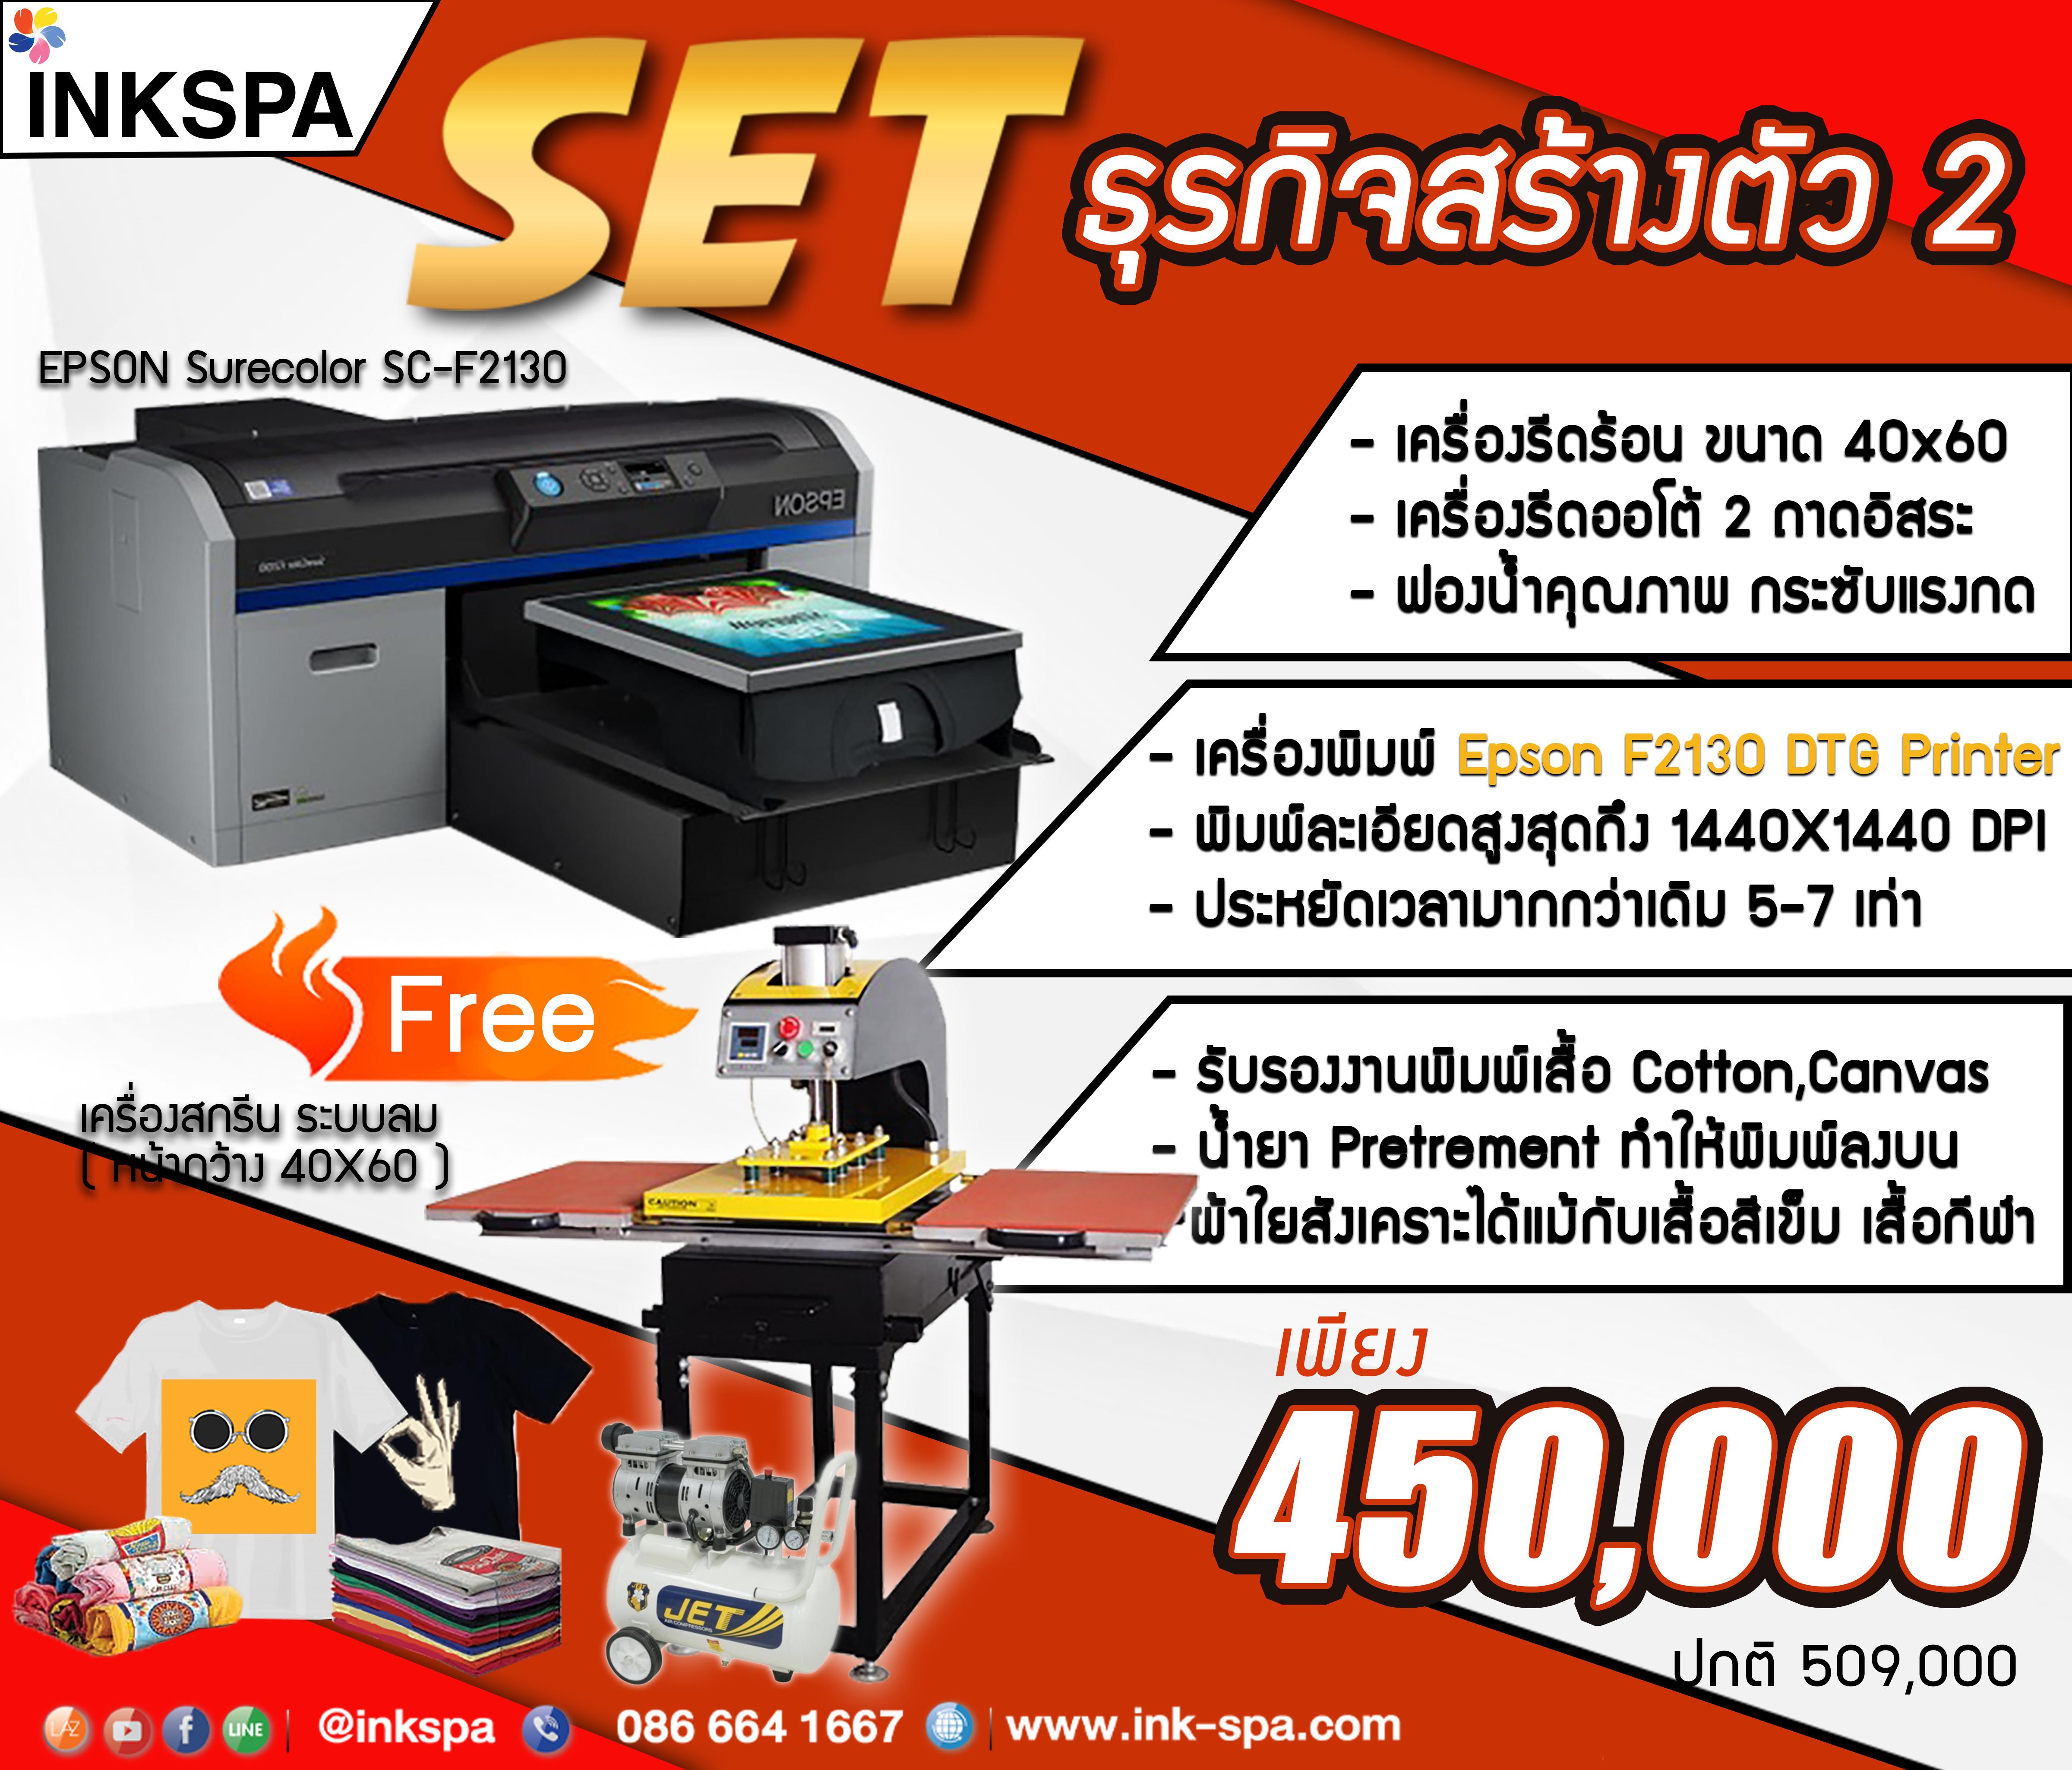 เครื่องสกรีนเสื้อ , Epson F2130 , DTG Printer